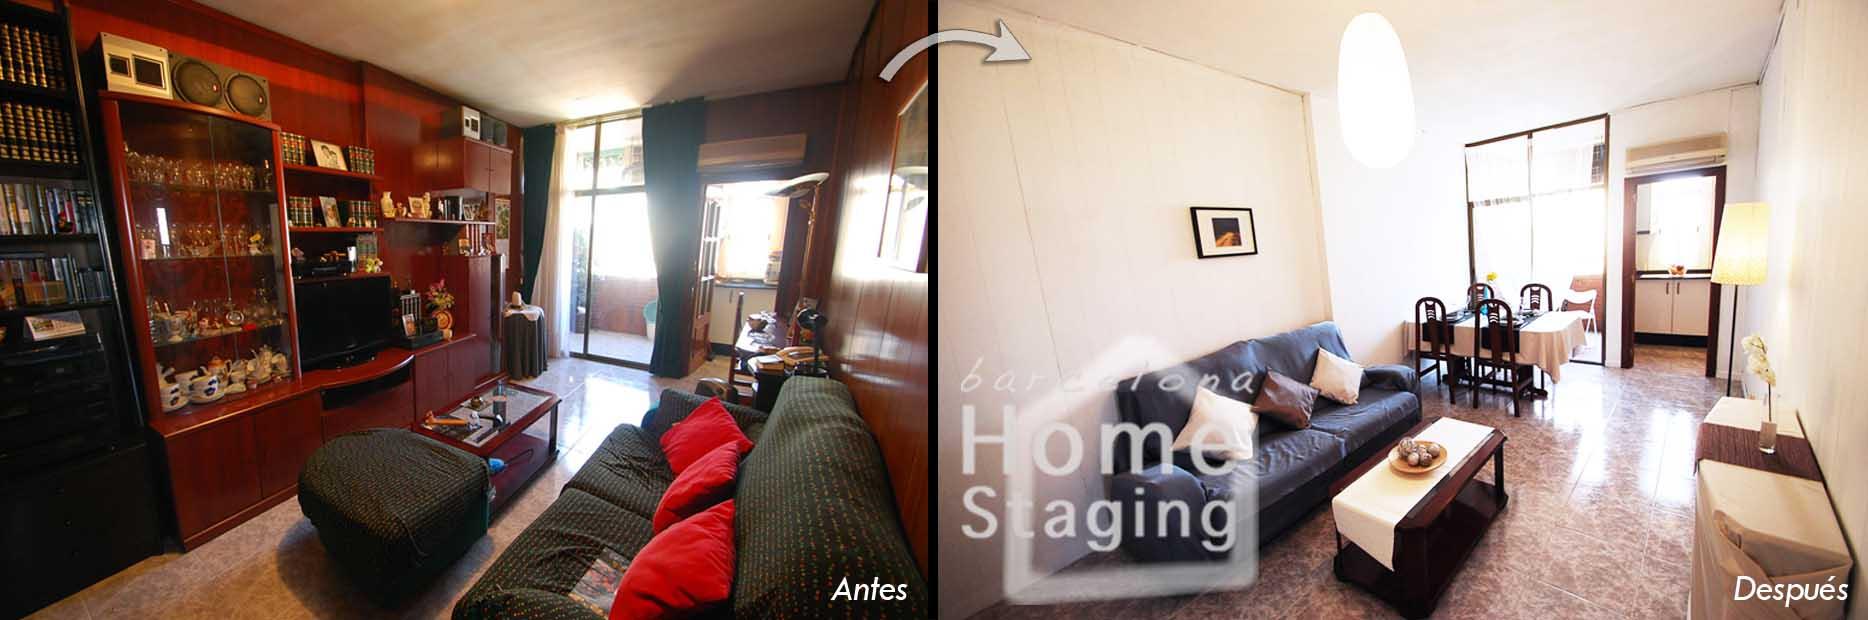 12+1 ejemplos de cómo mejorar la decoración de una casa para venderla antes